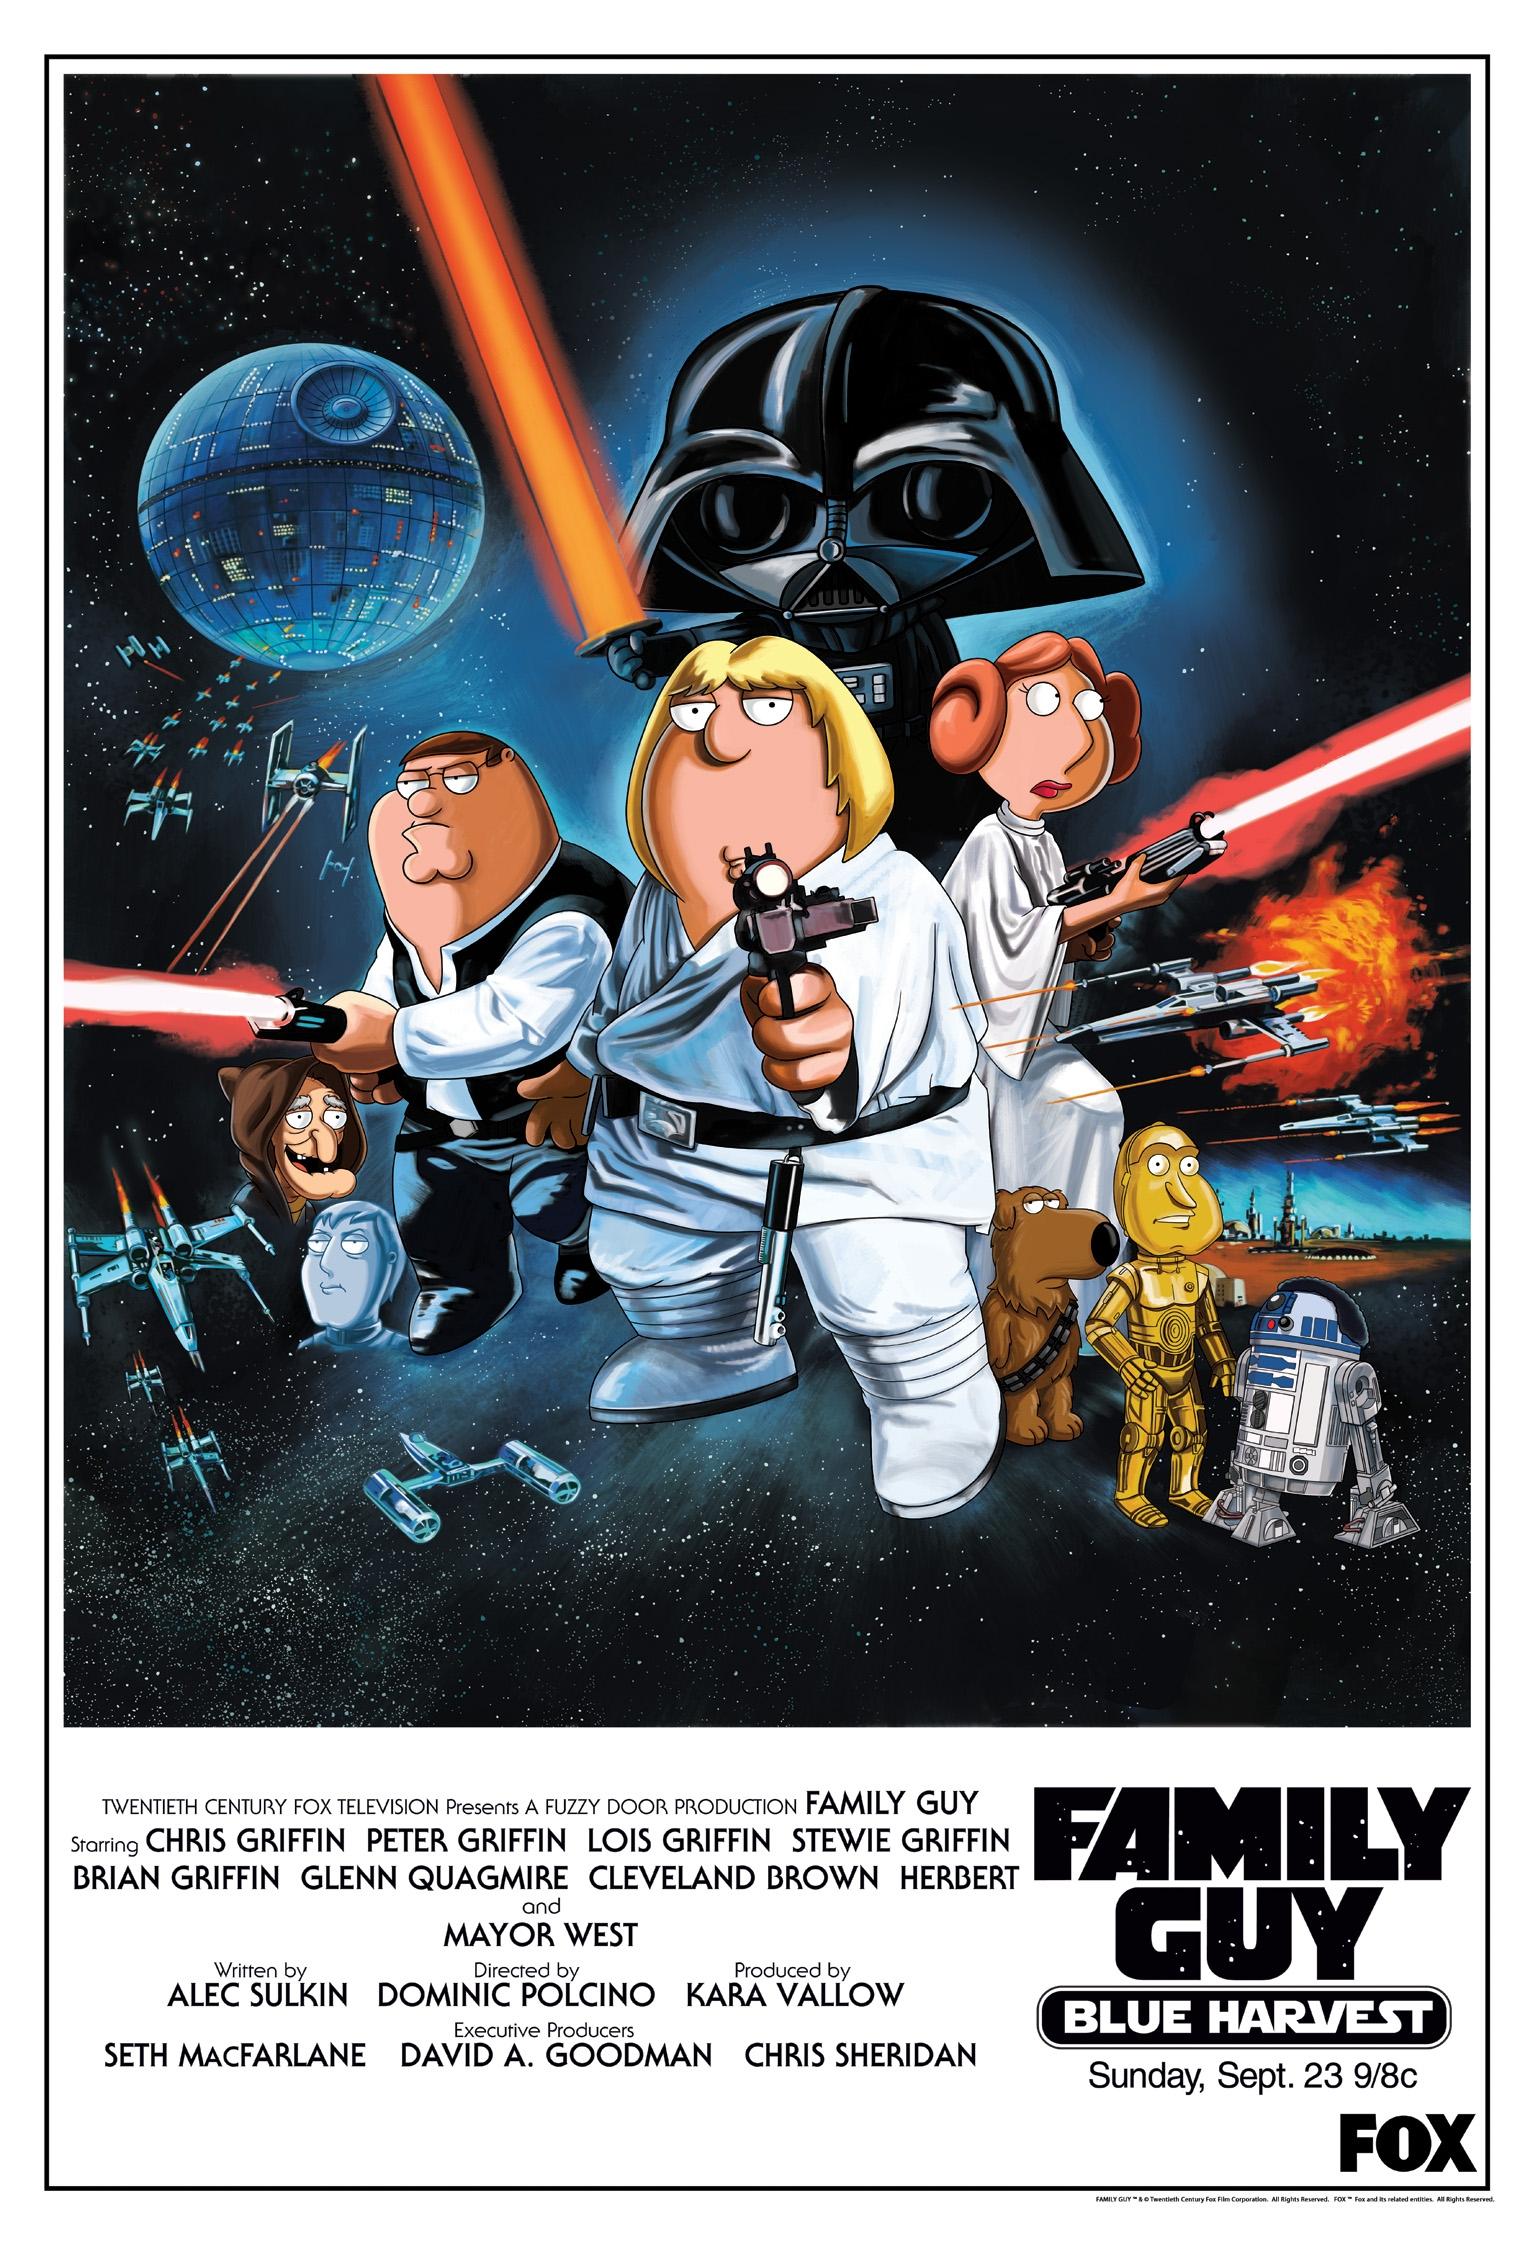 Star Wars Blue Harvest Family Guy